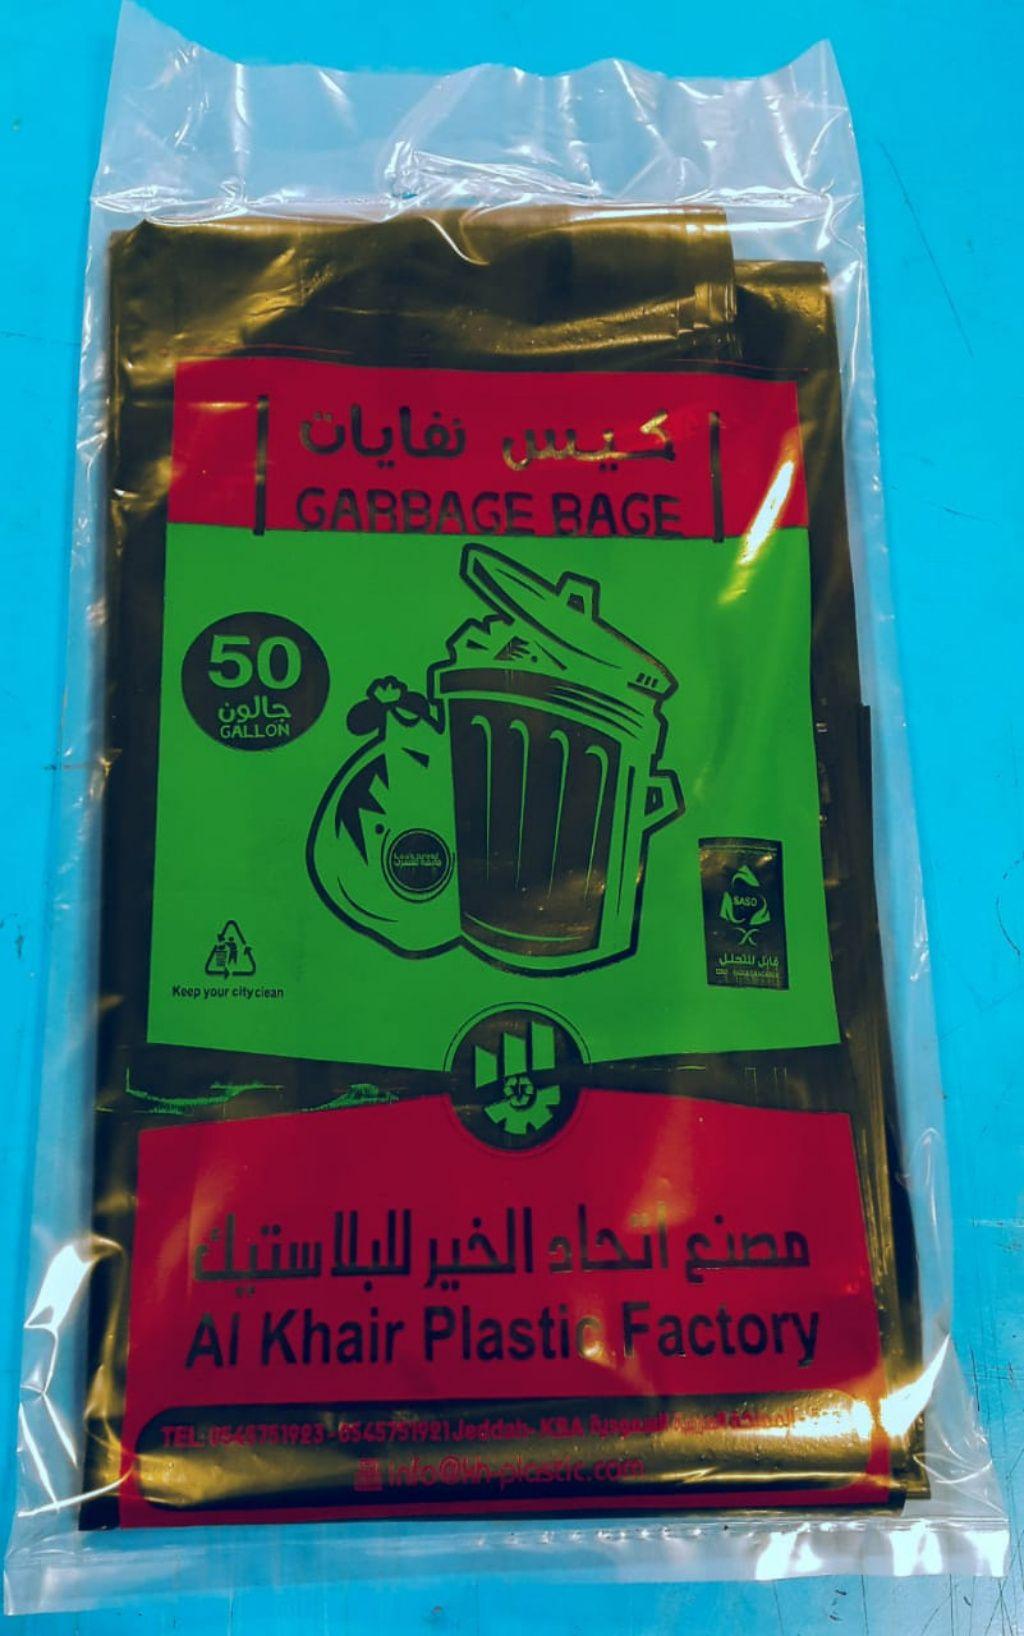 اكياس بلاستيك للبيع اكياس نفايات للبيع أكياس نايلون للبيع من مصنع اتحاد الخير للبلاستيك بجدة 0545751921 اختيارك عند البحث عن مصنع اكياس بلاستي Bage Book Cover